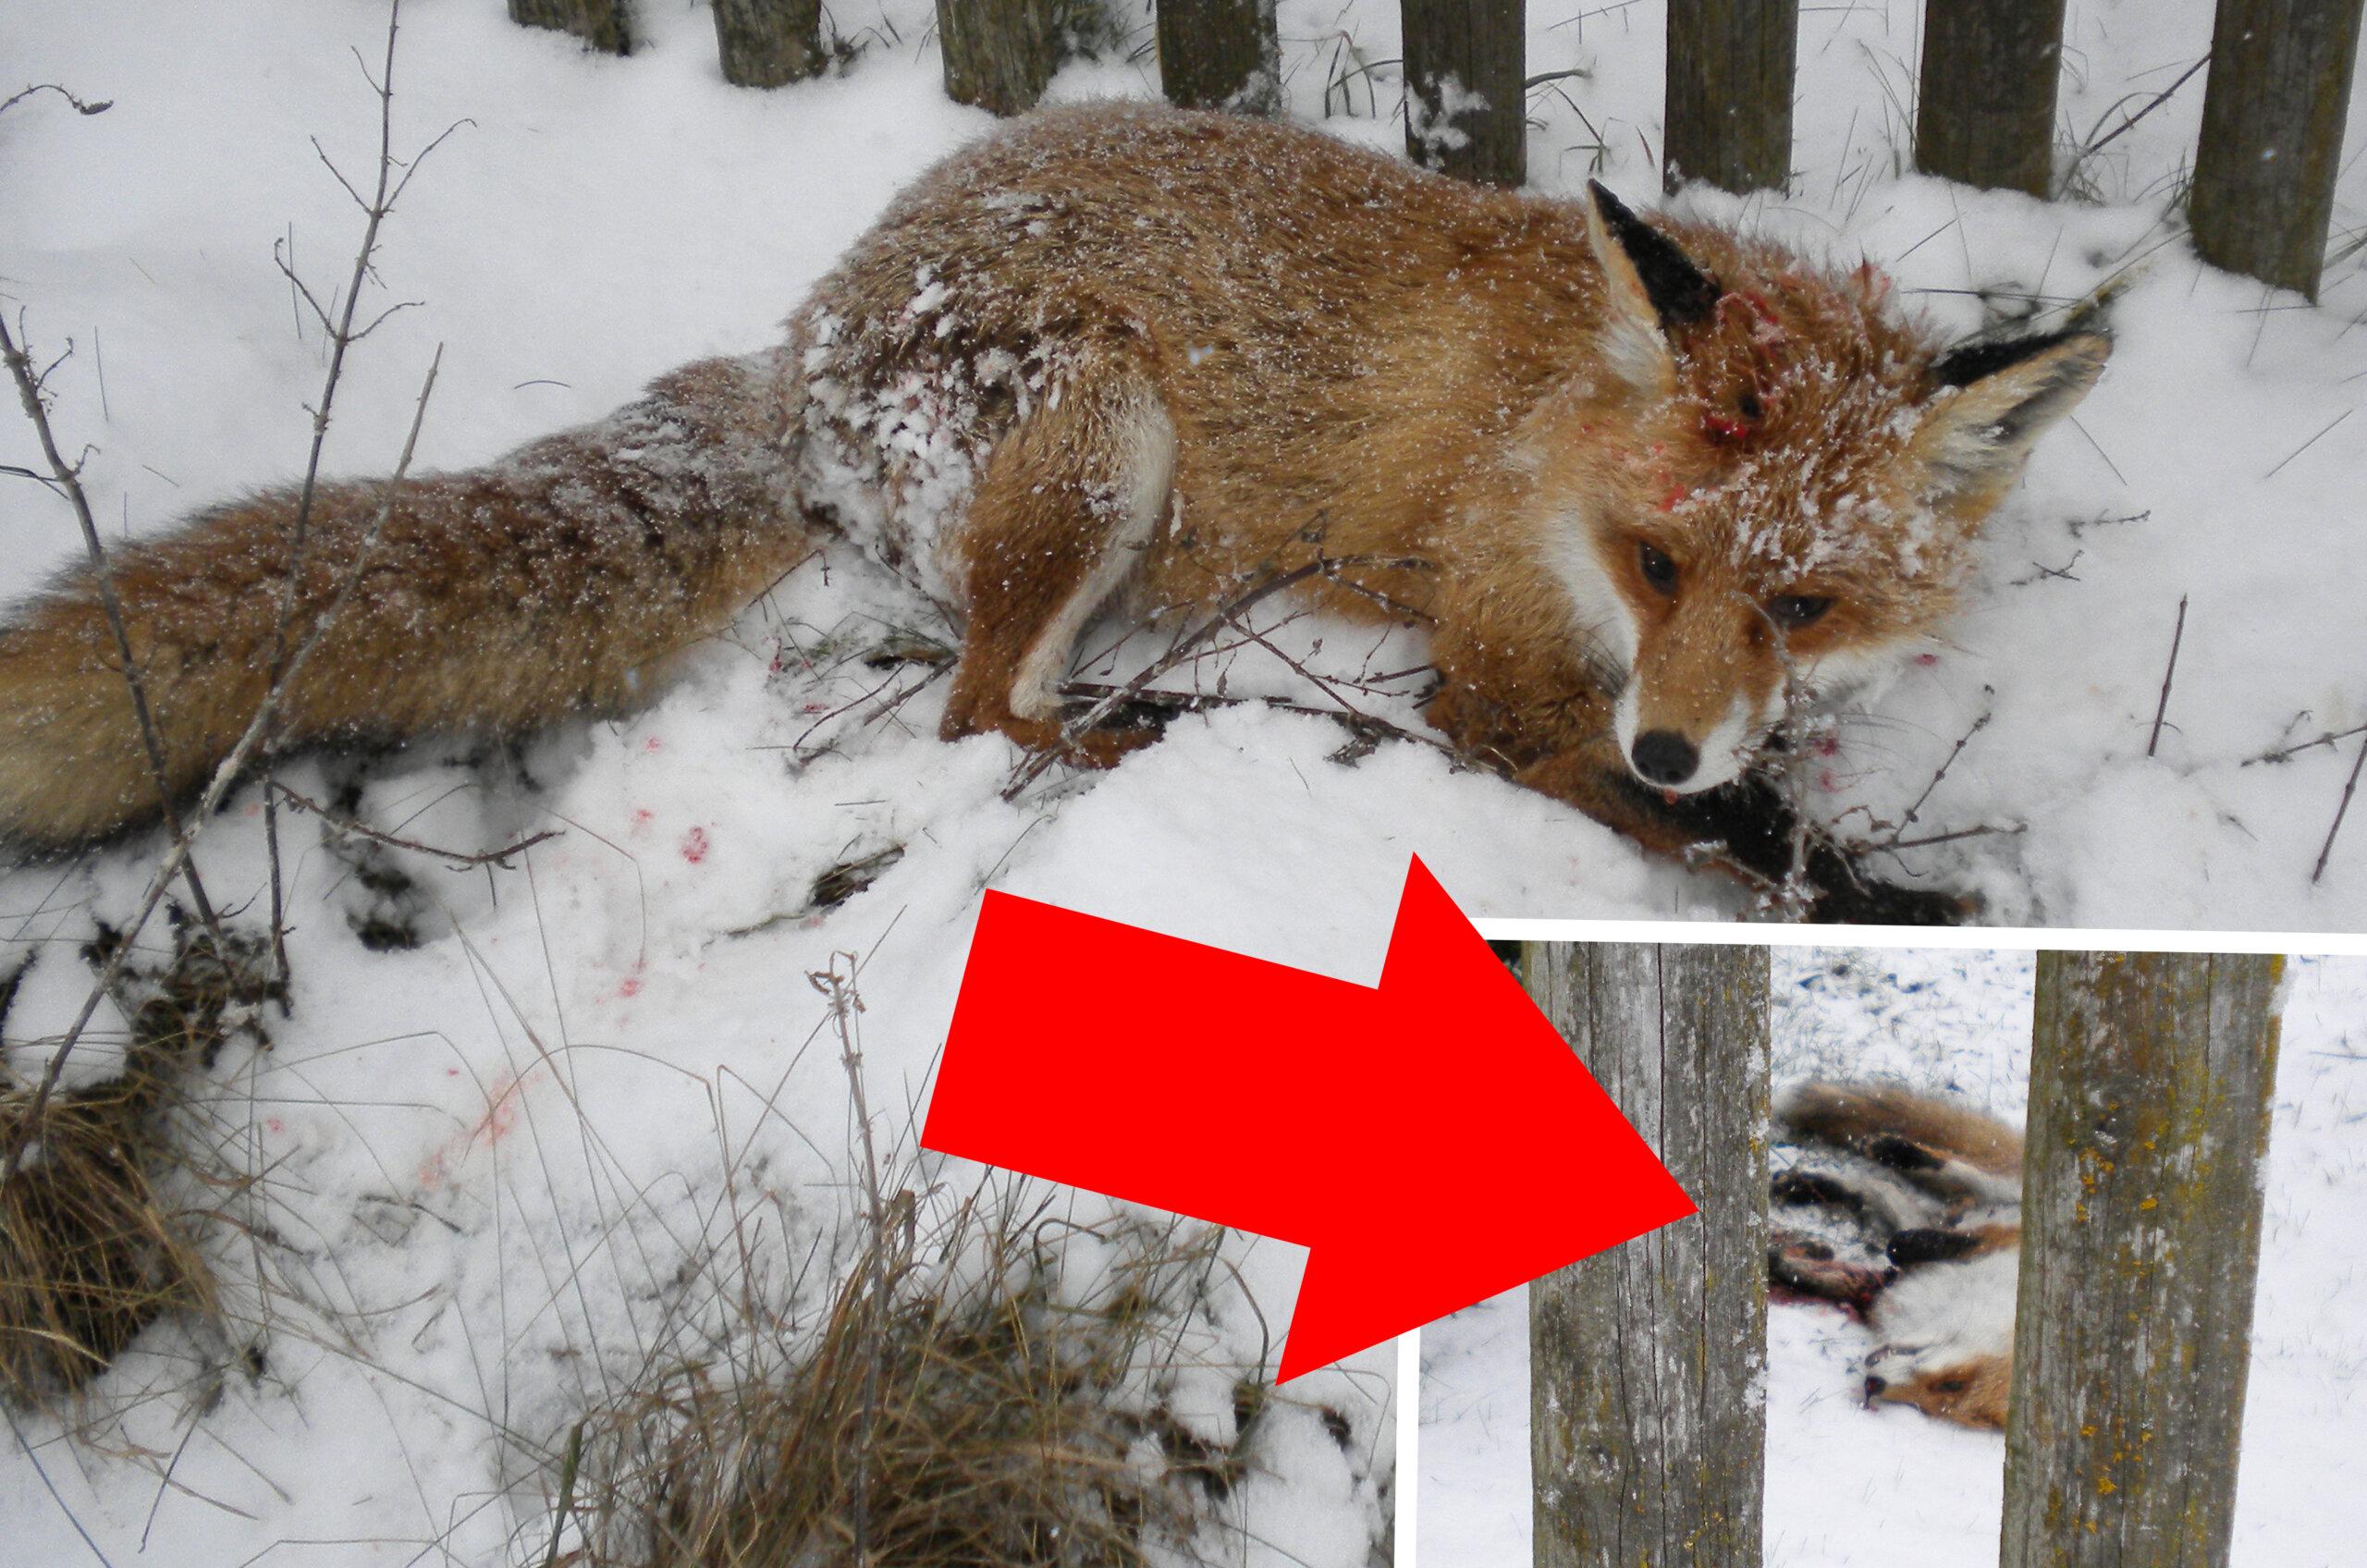 Jagdhunde hetzen schwer verletzten Fuchs in einen Garten